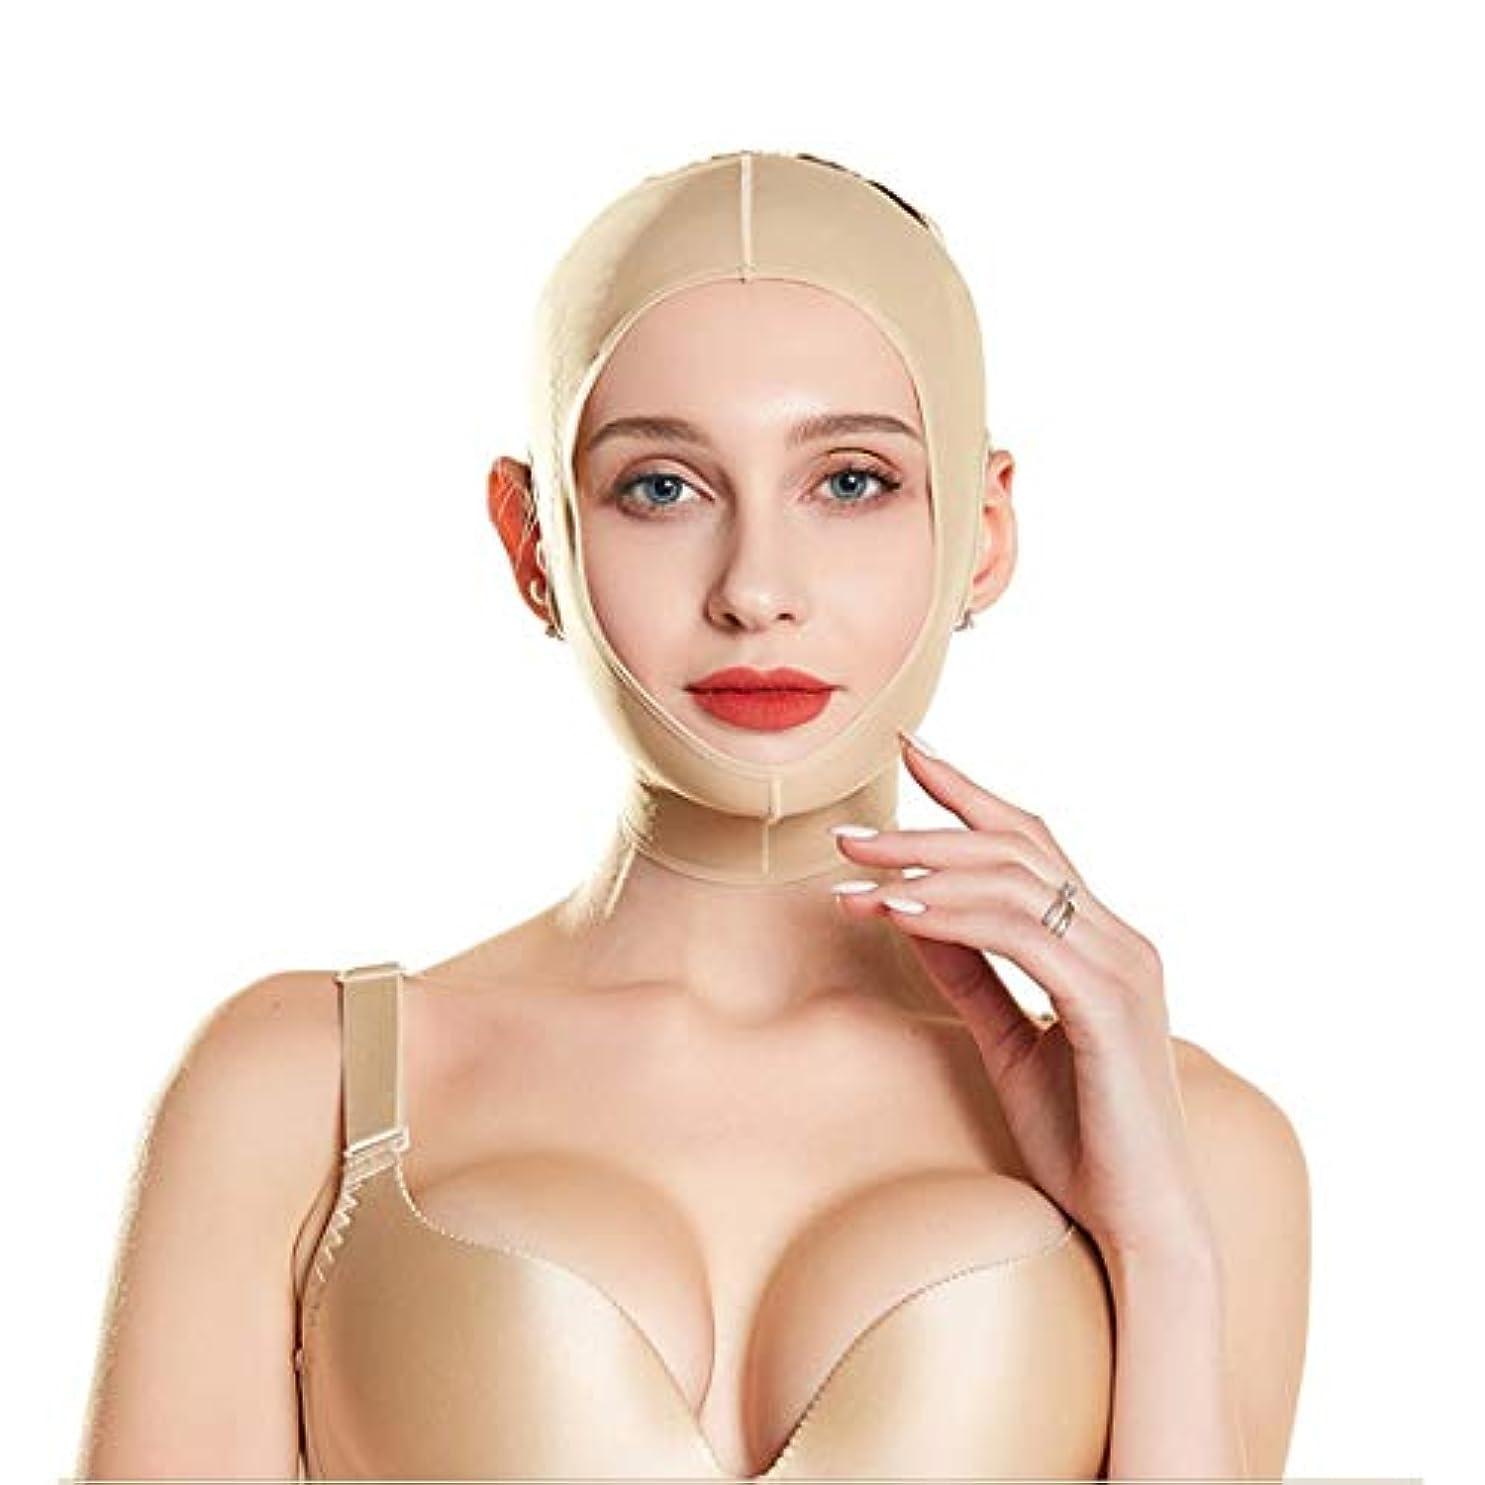 作るラッカス区画ZWBD フェイスマスク, フェイスリフティング包帯医療美容スキンフェイスカービングスモールVフェイスアーティファクトシェーピングリフティングフェイスカービングセットフェイスマスク美容フェードシワ (Size : M)